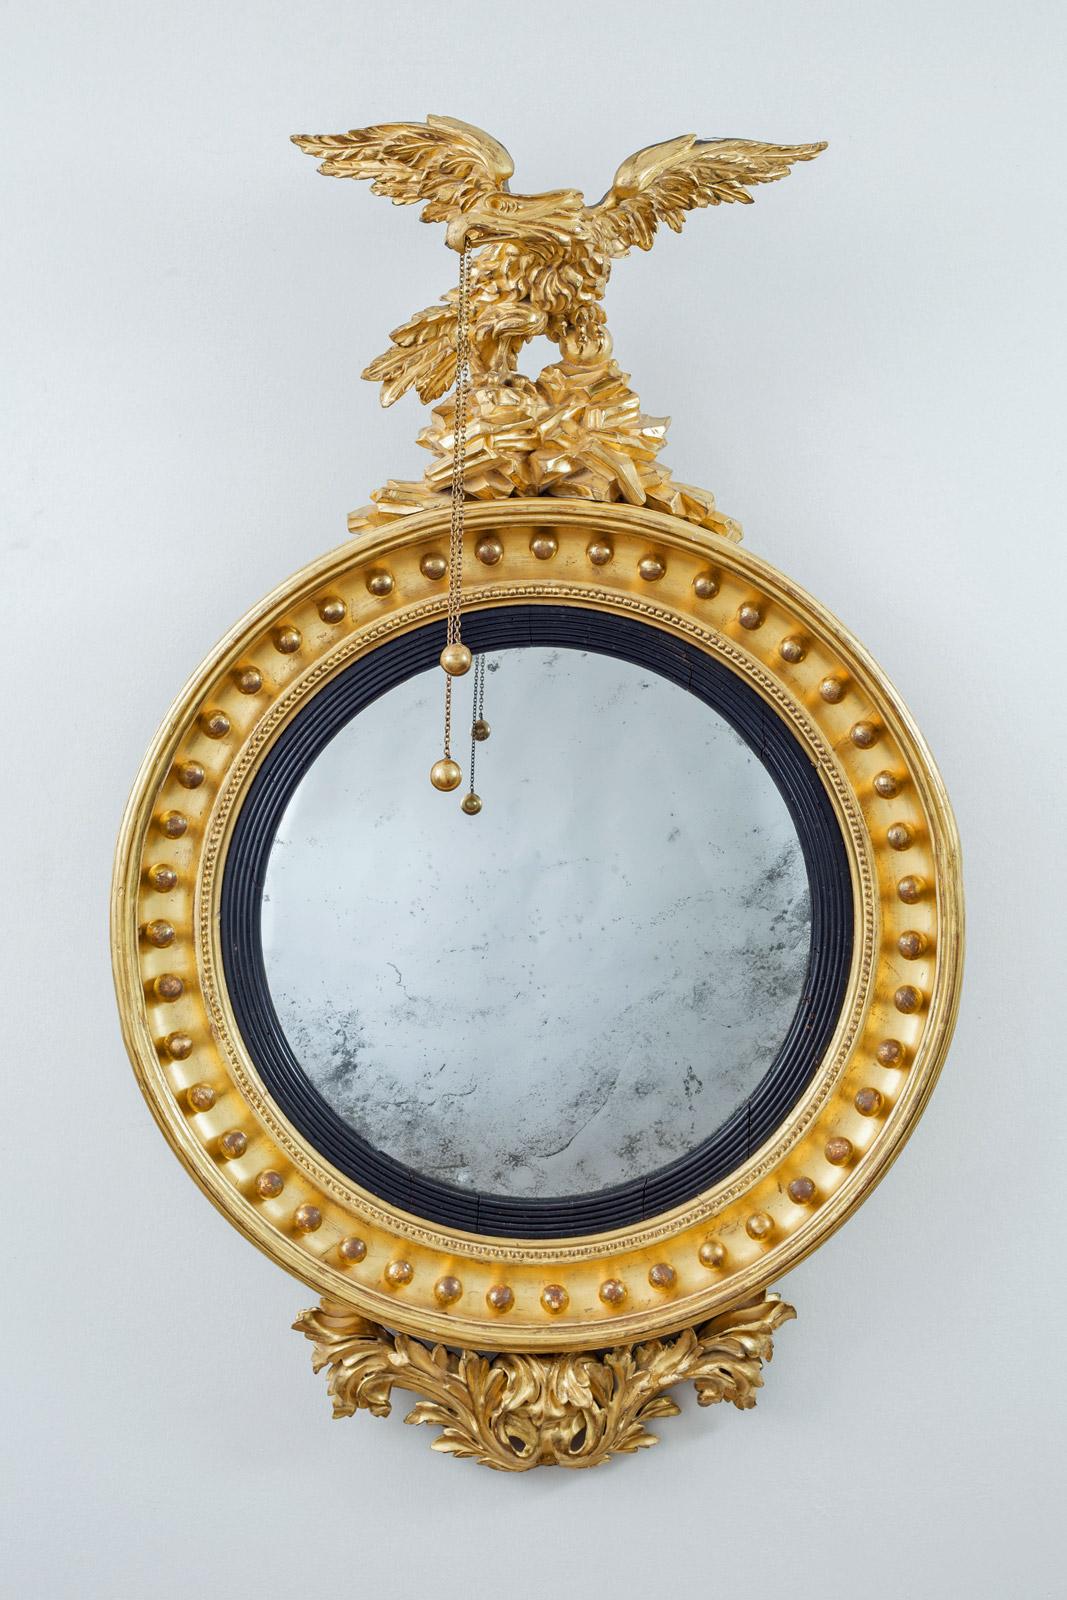 Regency Giltwood Convex Mirror With Eagle Surmount